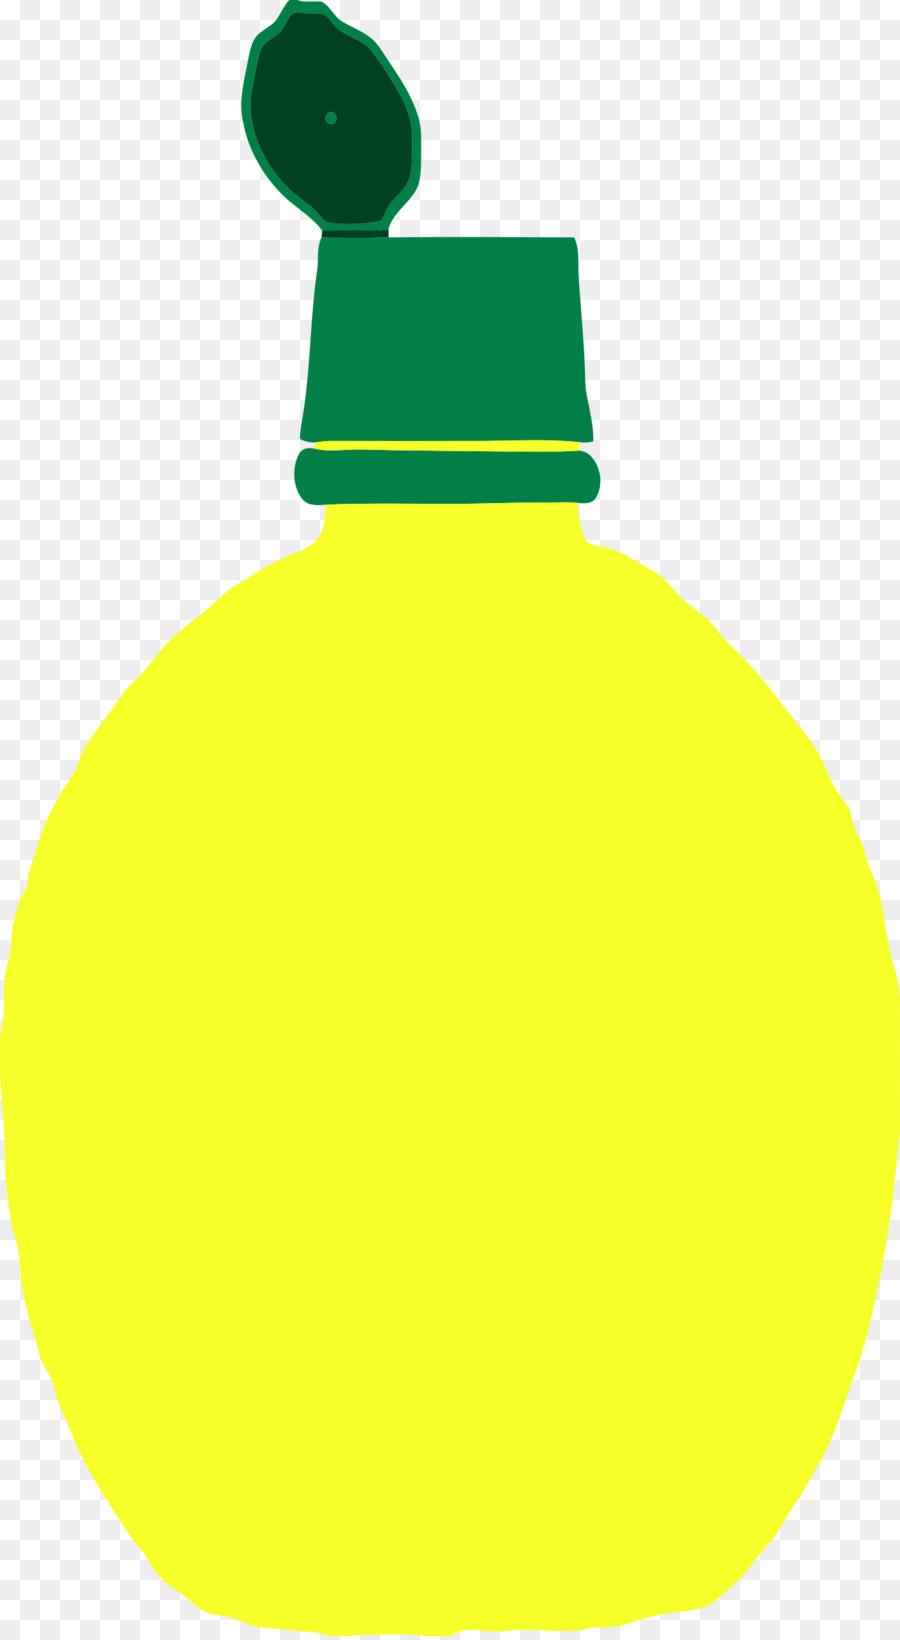 Lemon juice clipart picture Green Leaf Background clipart - Juice, Lemonade, Green, transparent ... picture